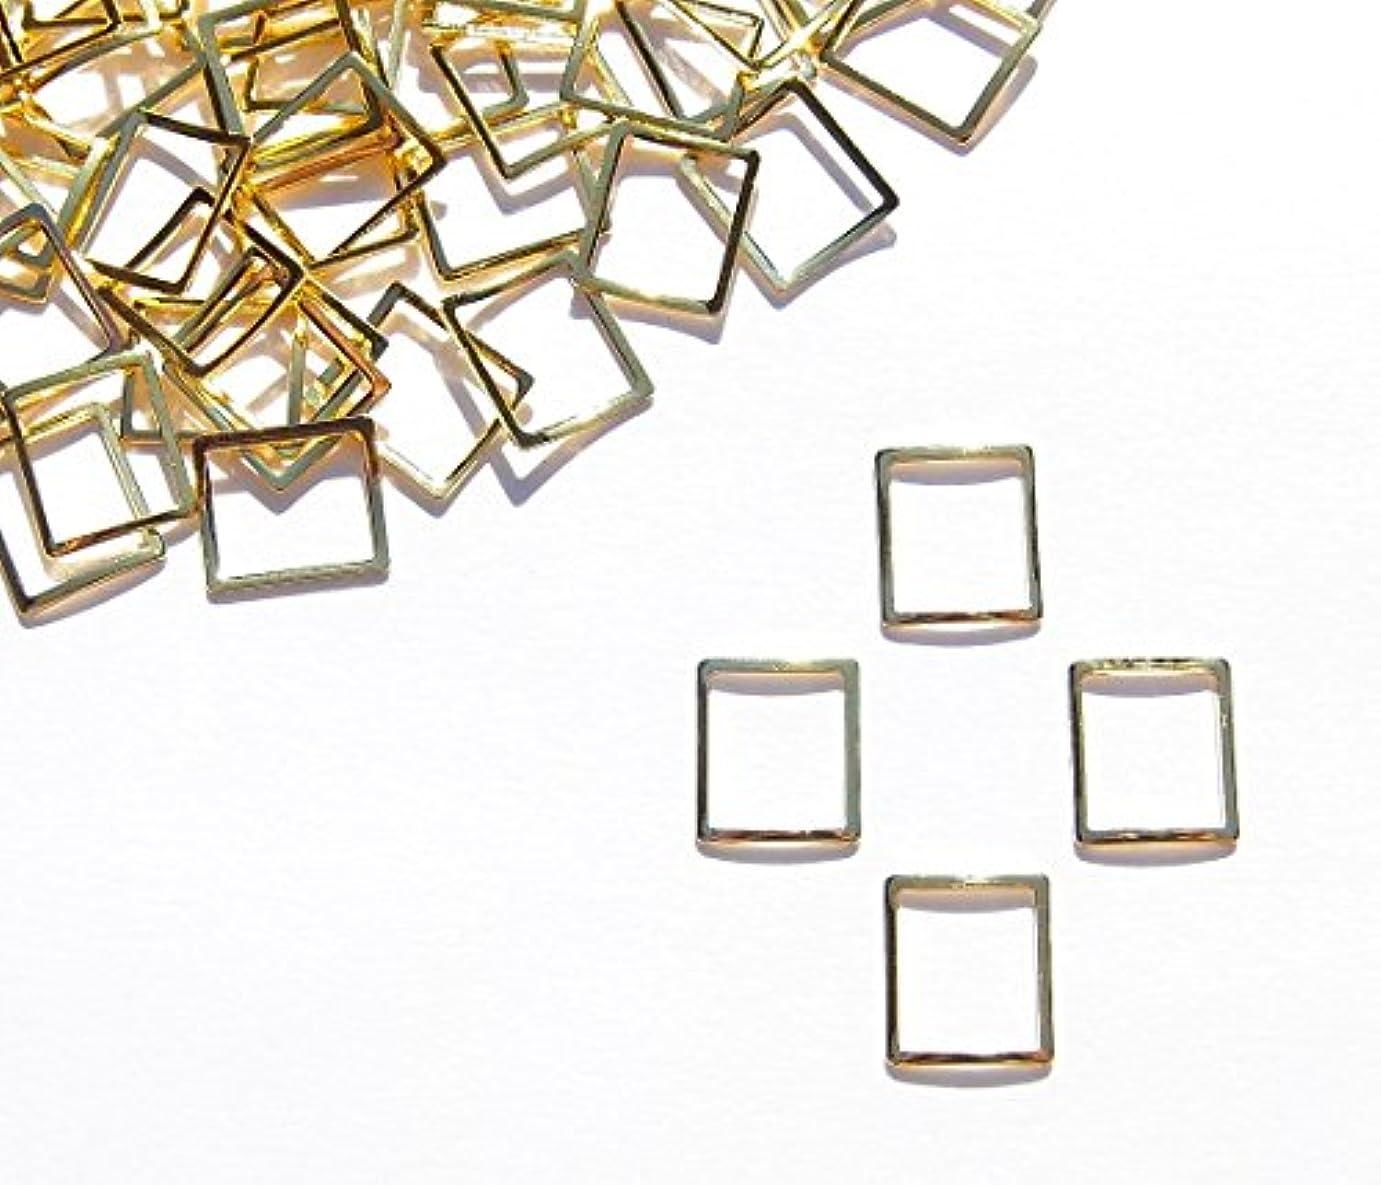 導入する風邪をひくシアー【jewel】メタルフレームパーツ スクエア型 6.5mm×6mm 10枚入り ゴールド 金 (カーブ付きフラットタイプ)素材 材料 レジン ネイルアート パーツ 手芸